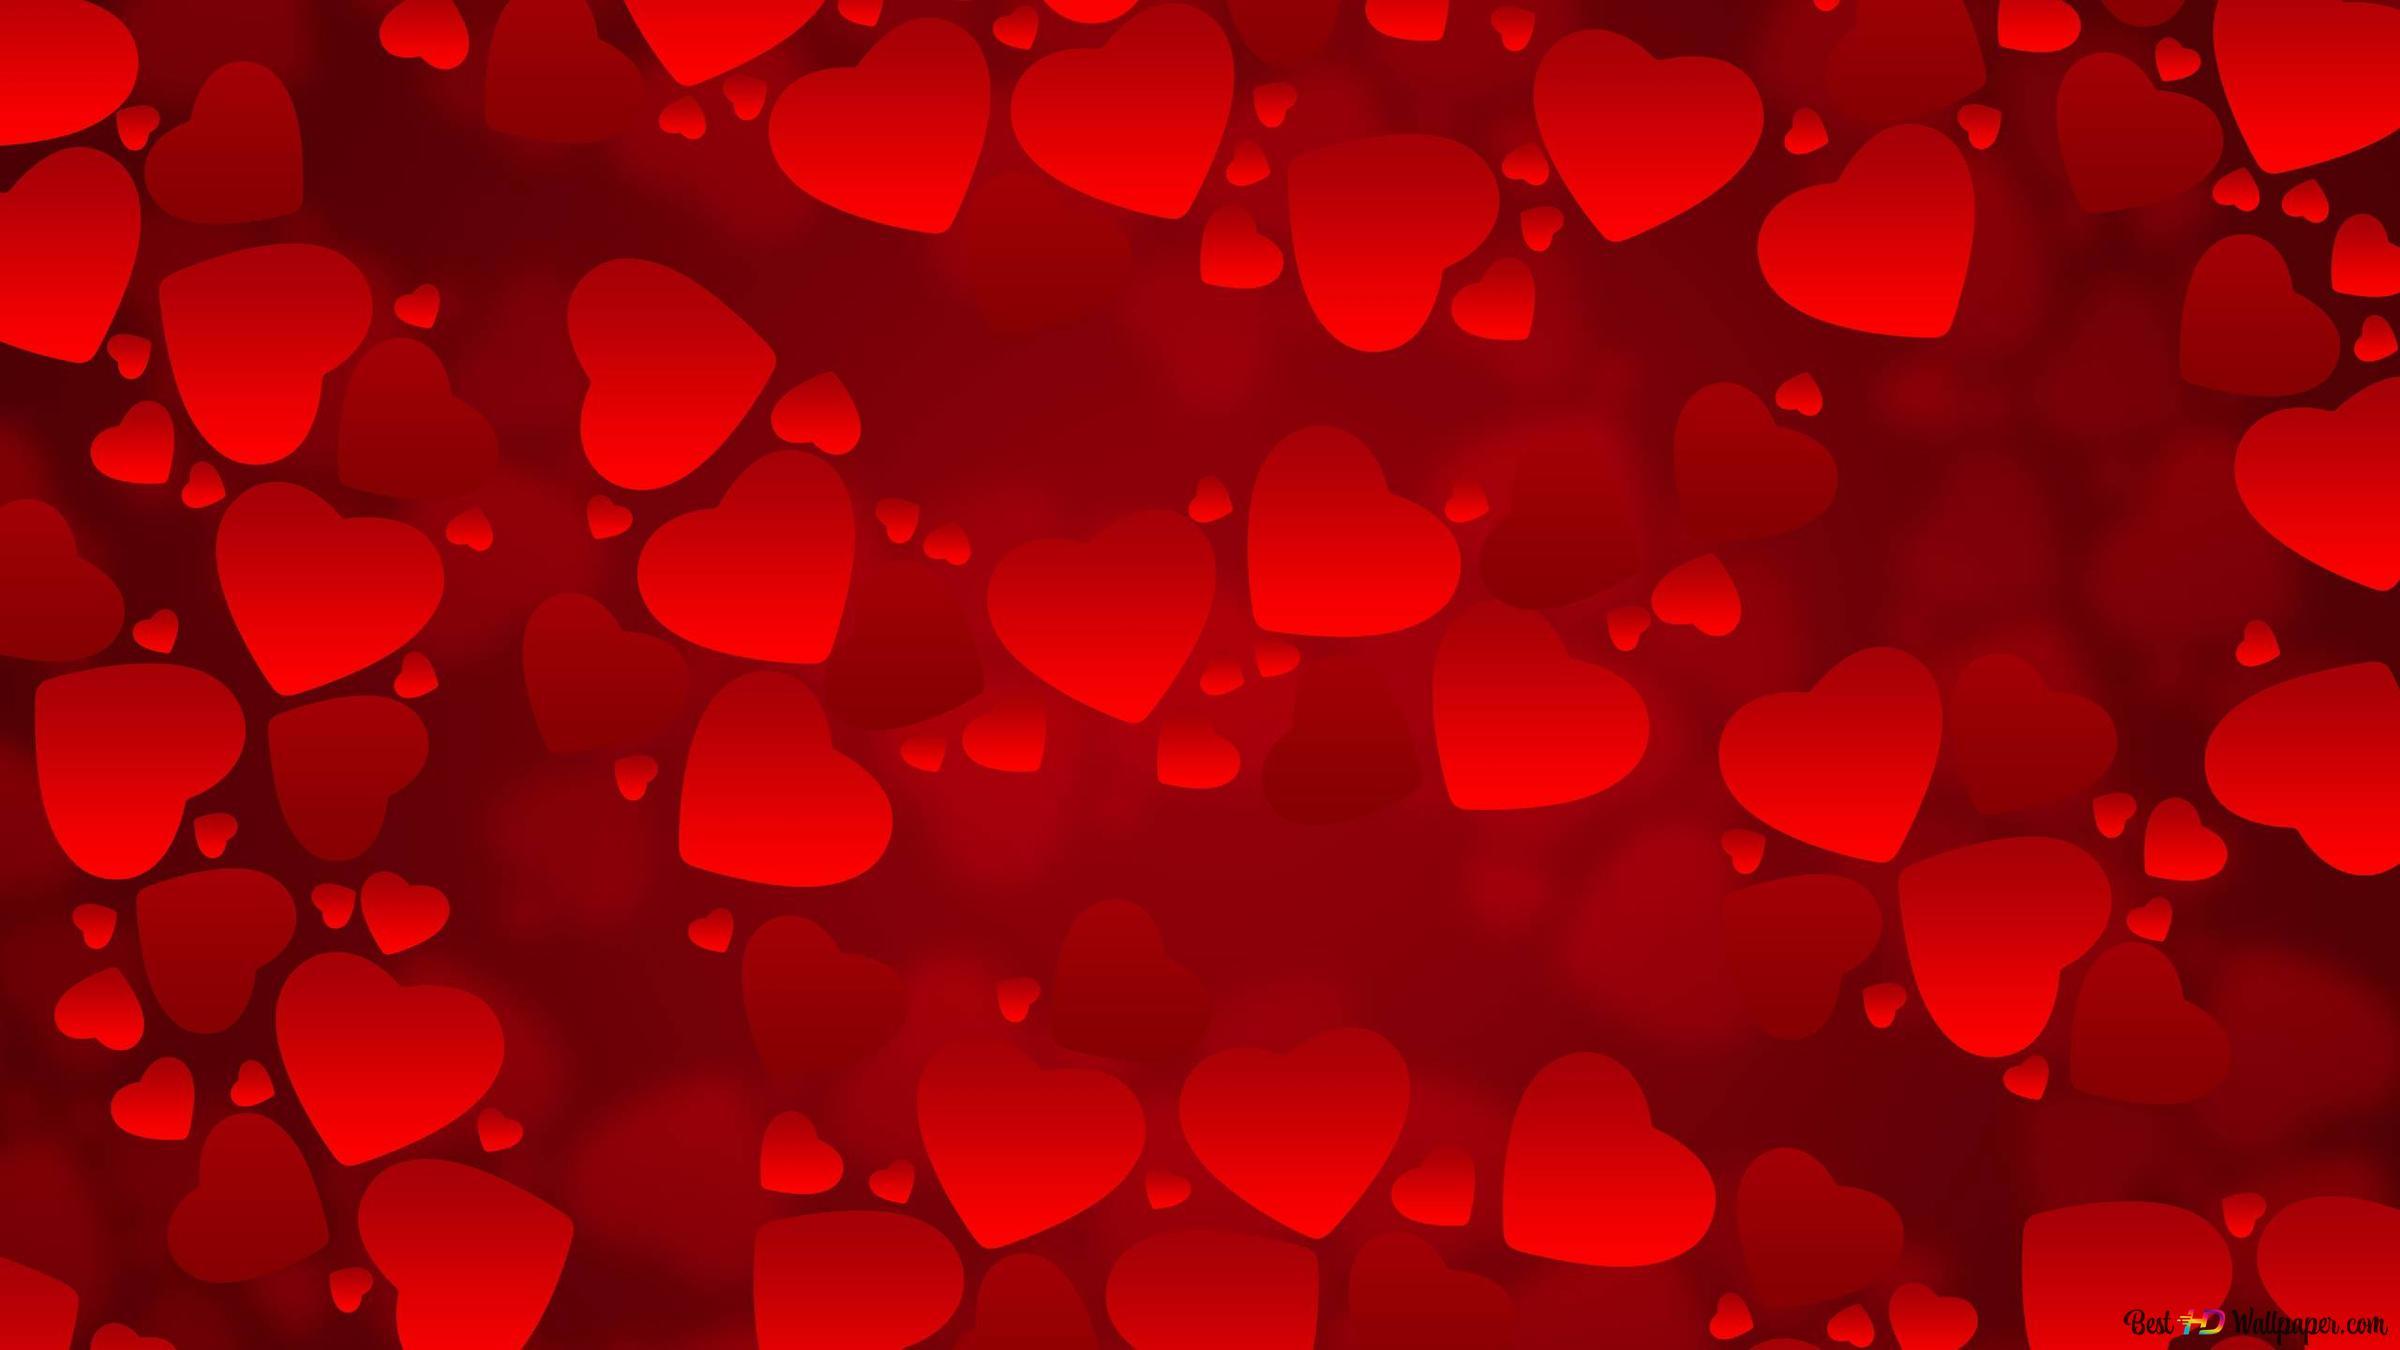 San Valentino Bel Rosso Sfondo Cuori Download Di Sfondi Hd